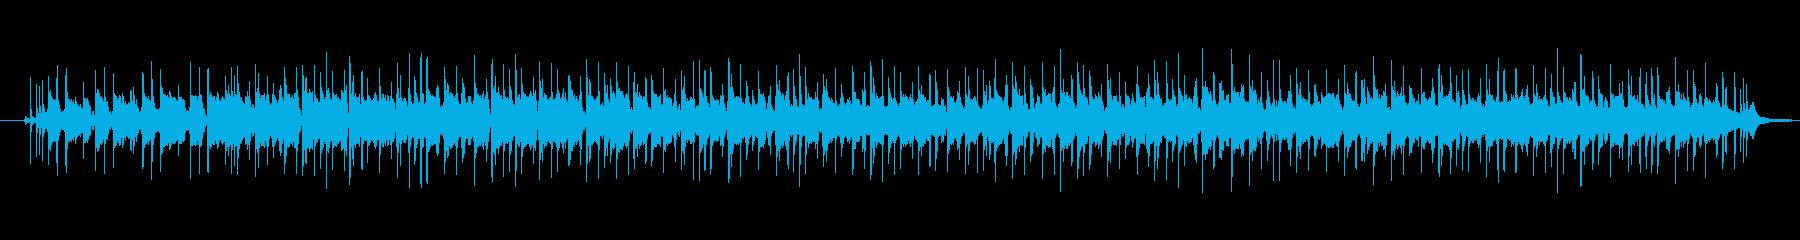 さわやかなのエレキギターフュージョンの再生済みの波形